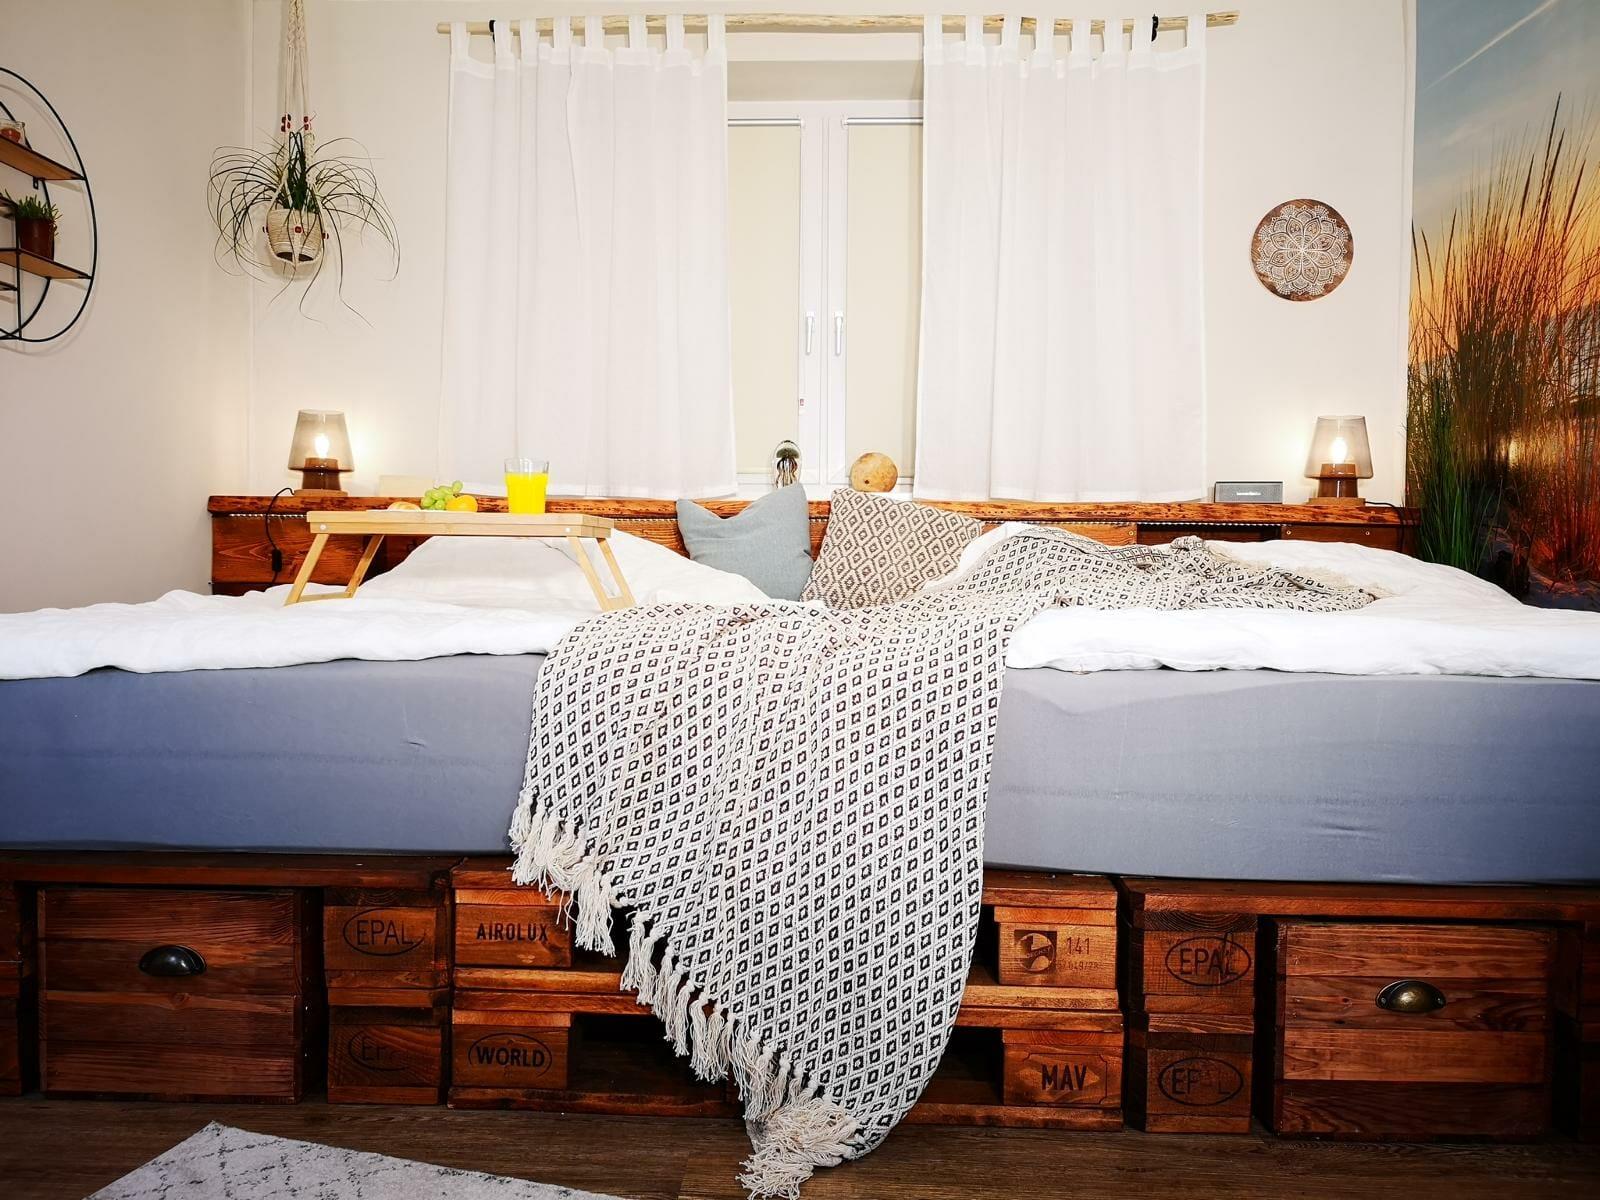 Full Size of Palettenbett Selber Bauen Kaufen Europaletten Betten Flexa Rauch 140x200 120x200 Günstig 180x200 Moebel De Joop Für übergewichtige Massivholz überlänge Bett Schöne Betten